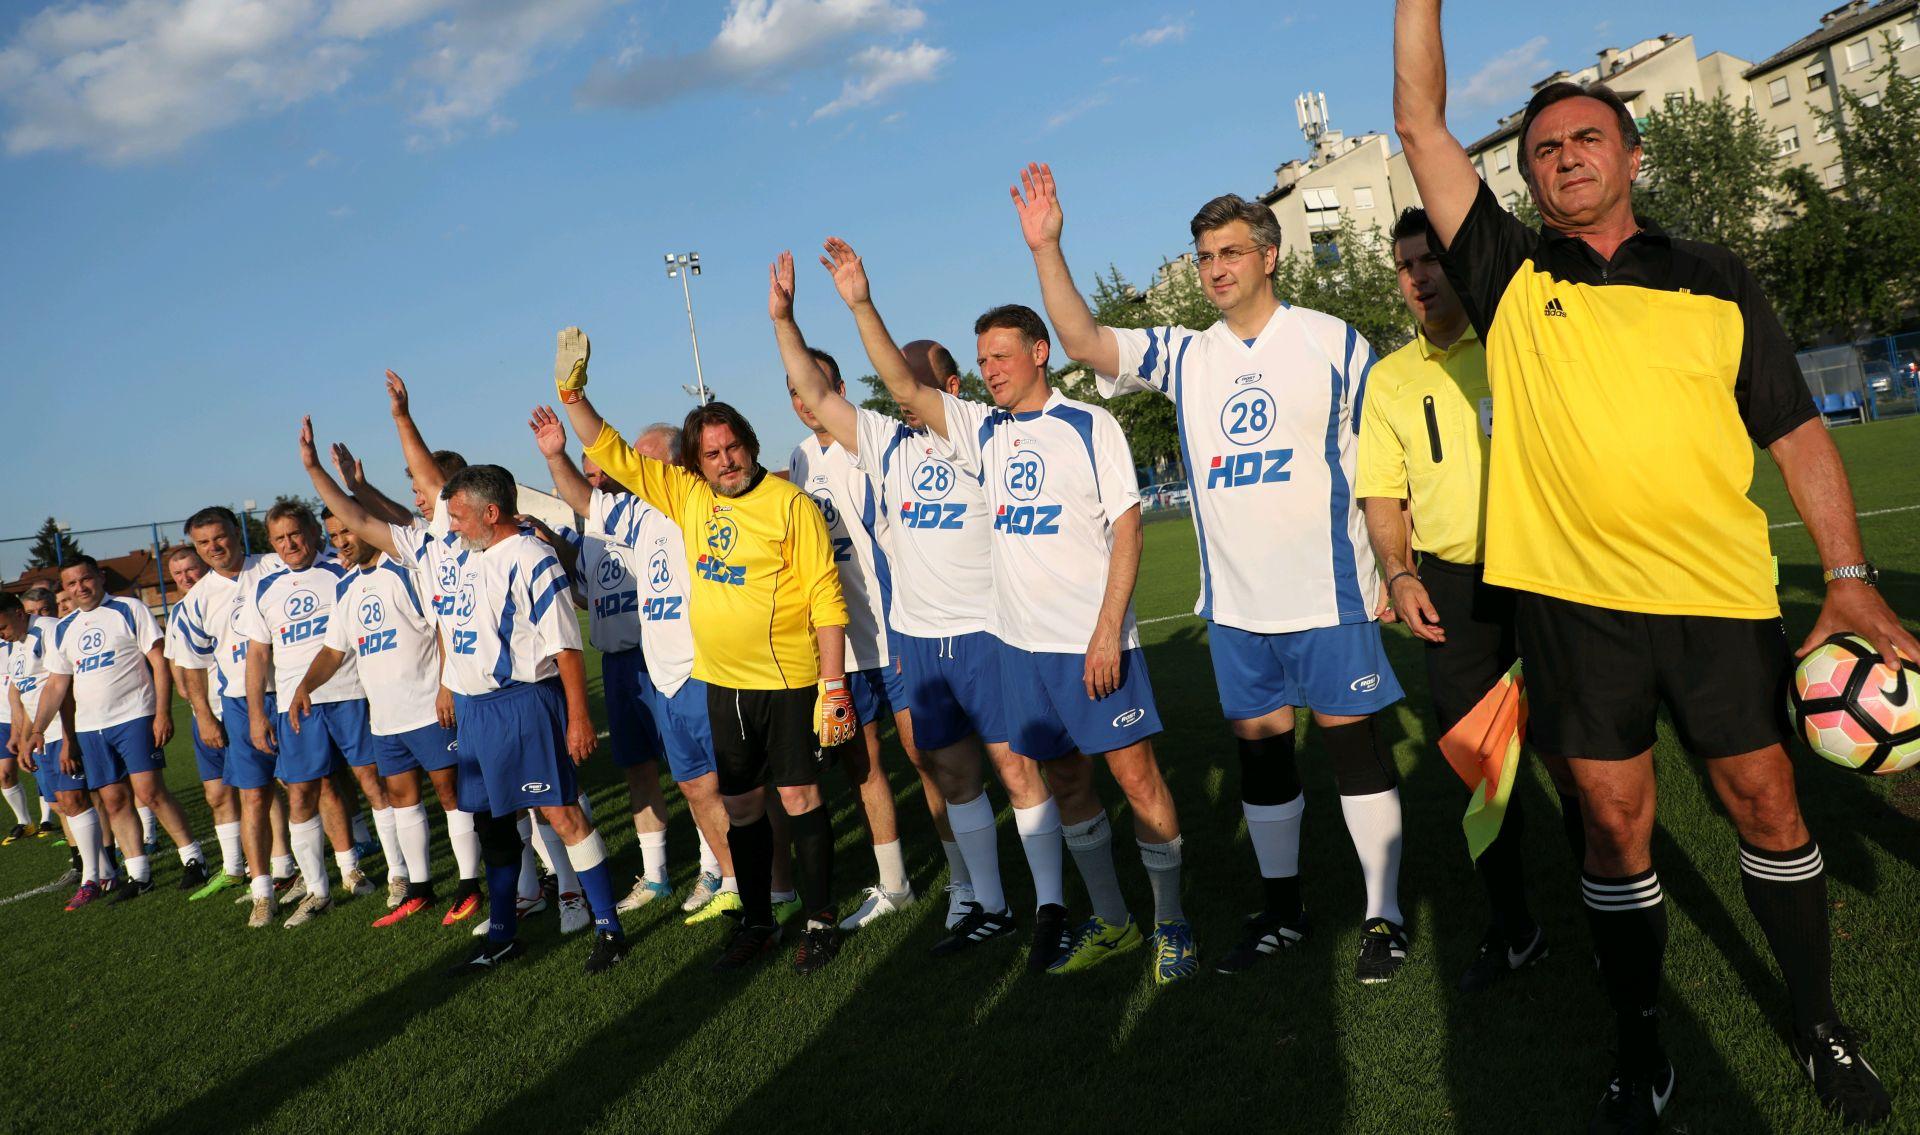 FOTO: NK JARUN Održana tradicionalna nogometna utakmica na obljetnici osnutka HDZ-a